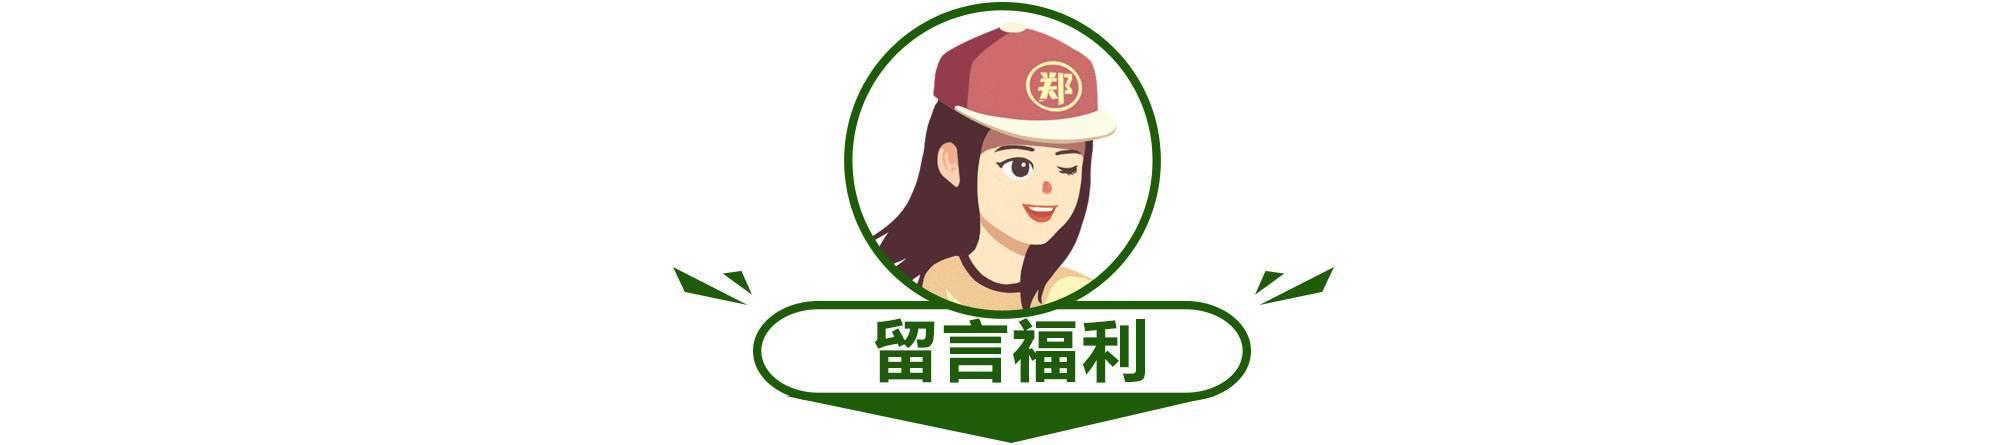 蓬莱市北沟镇蔚阳河党建示范区党员志愿服务队成立侧记